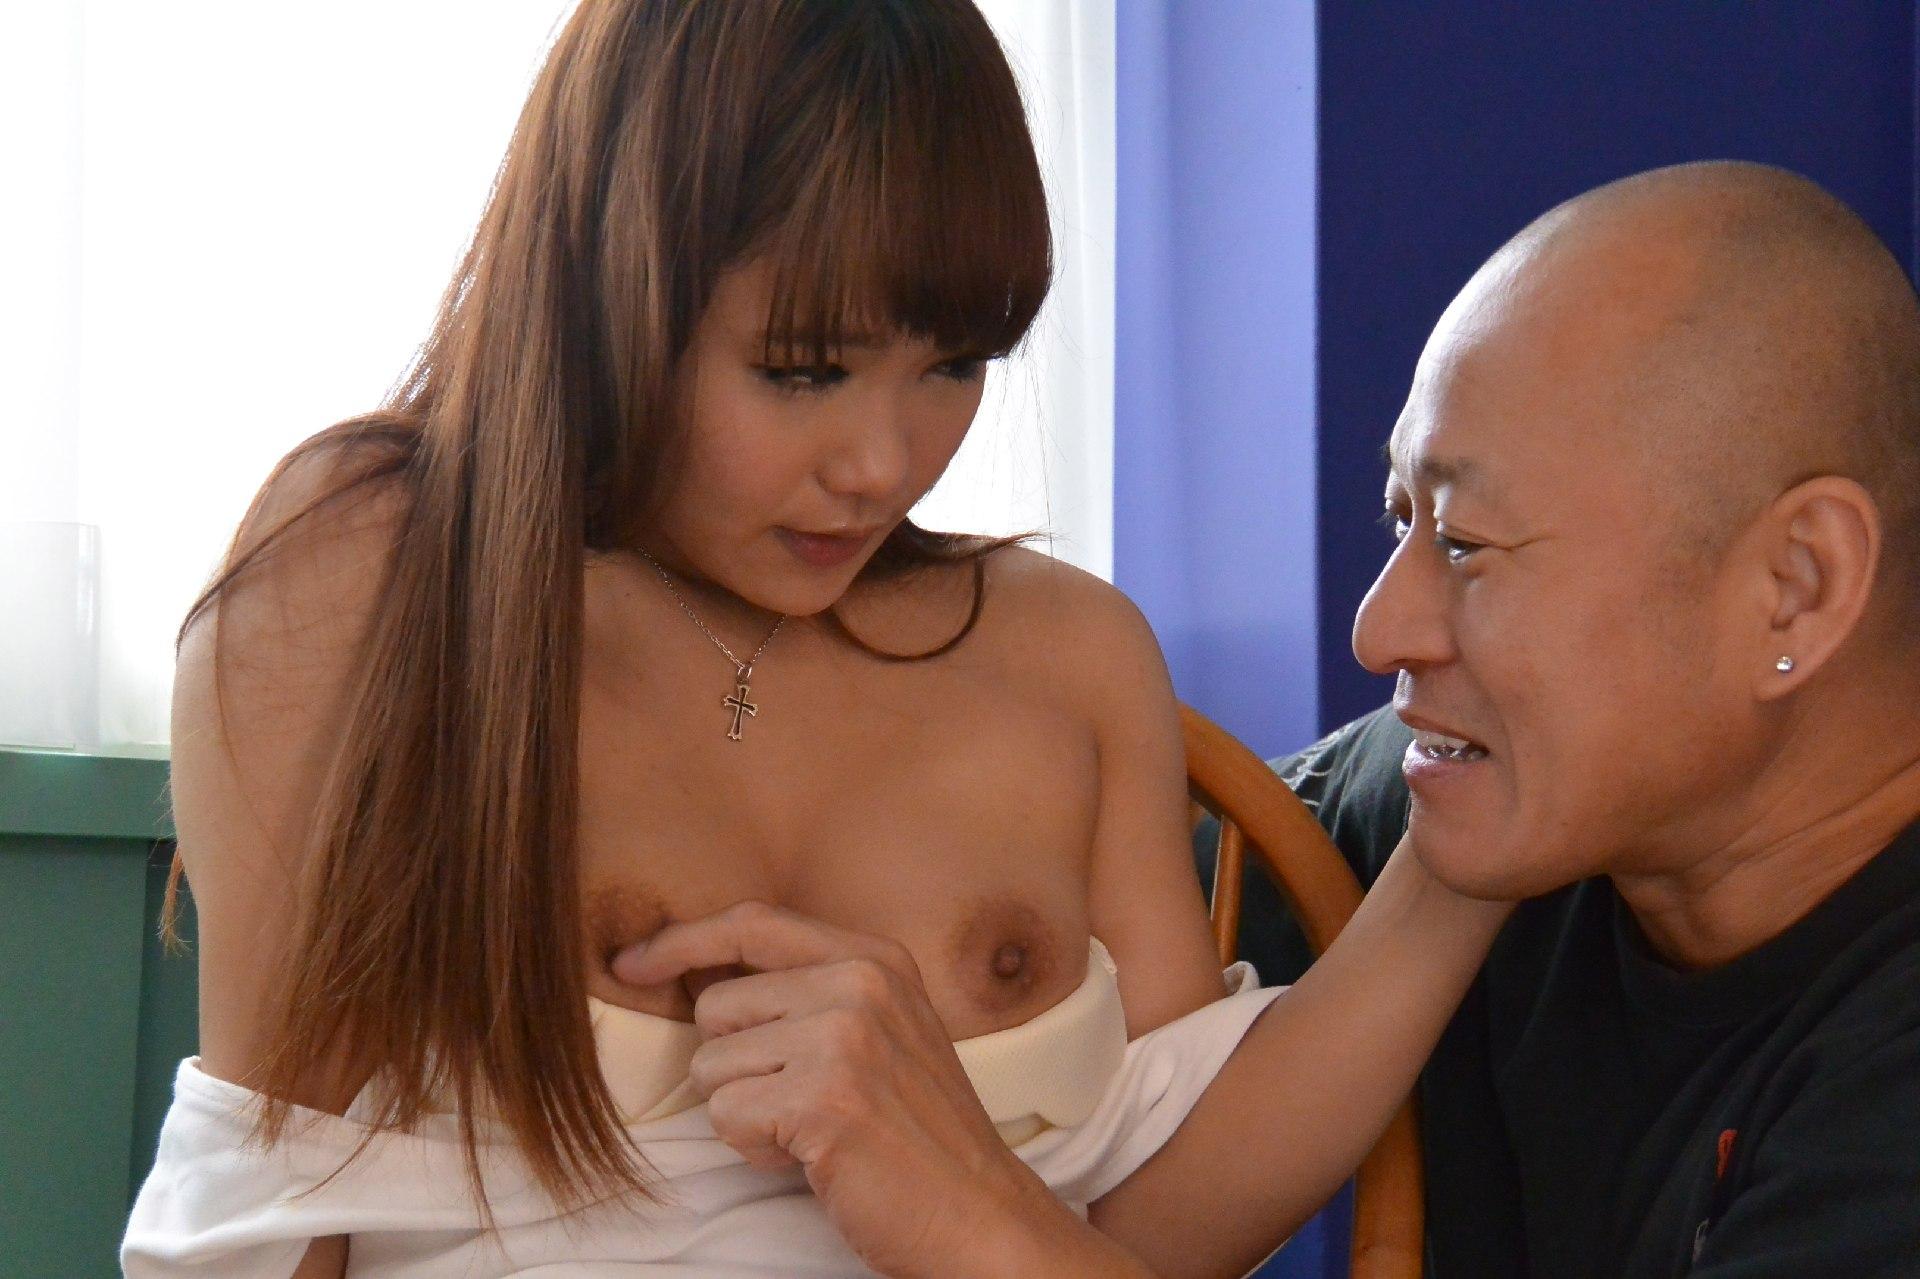 女子大学生になった幼馴染がGカップの乳を揺らしながらナカ出しファック あかね杏珠さん